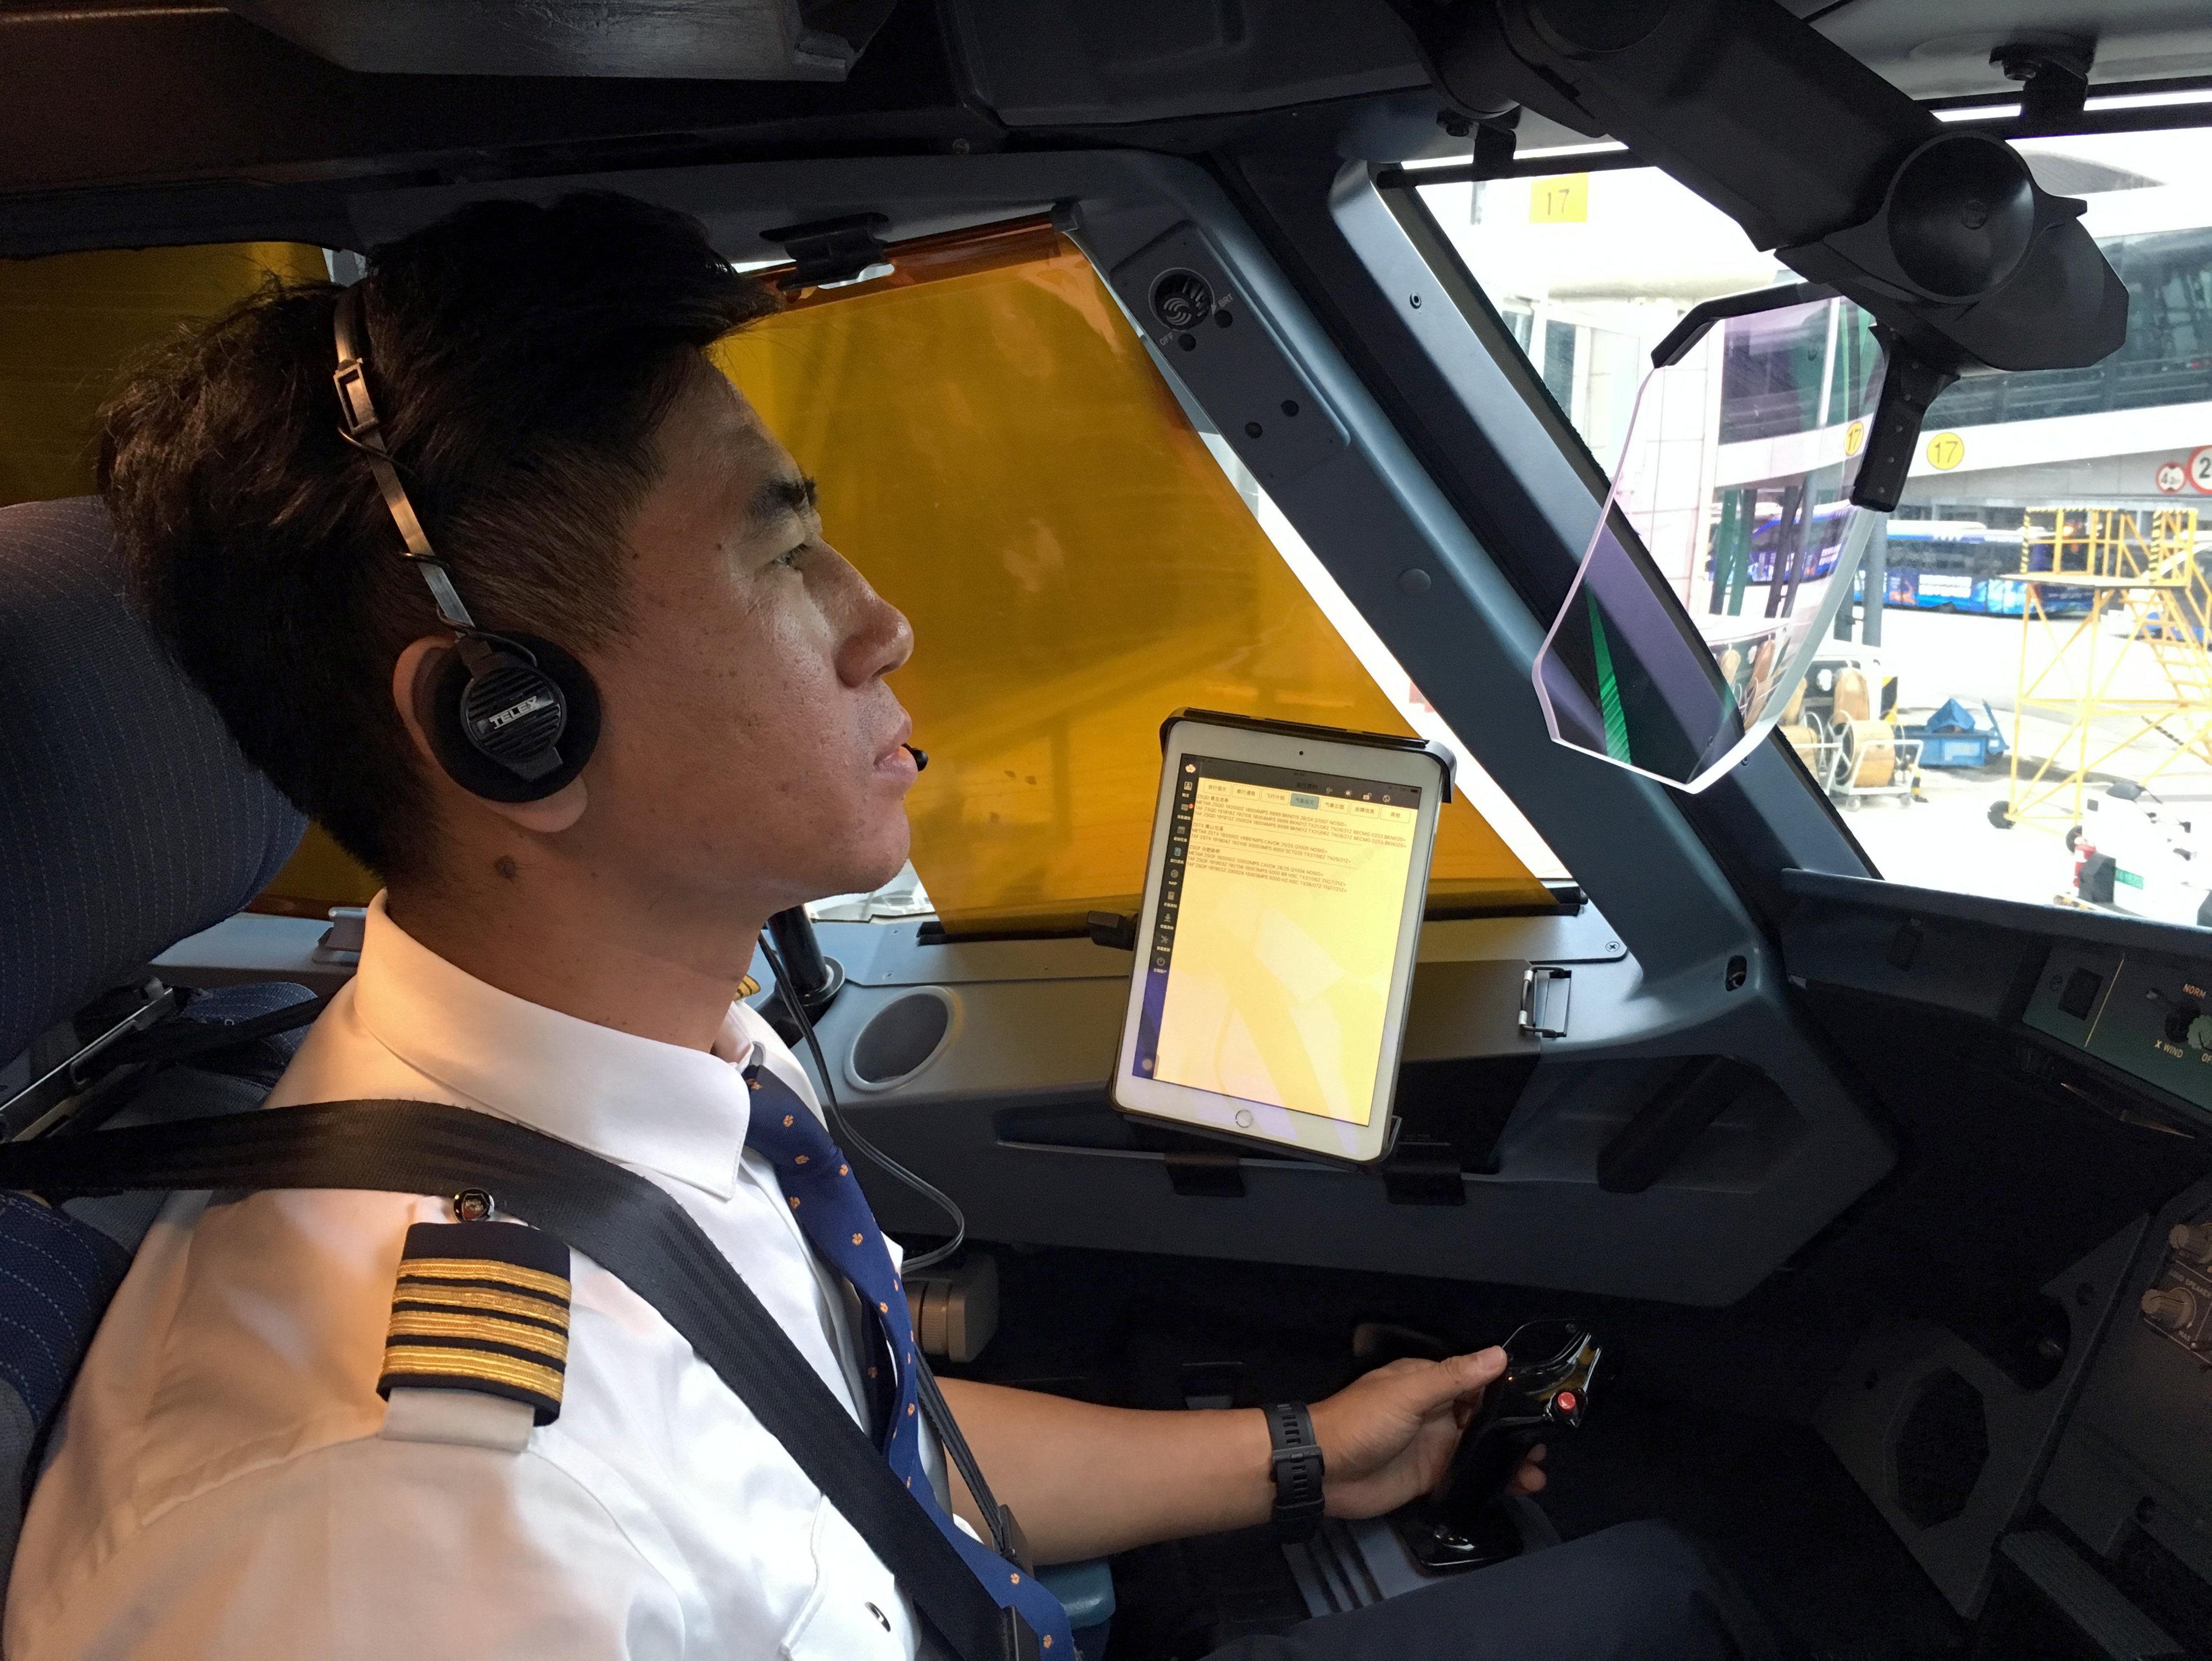 绿色飞行!青岛航空正式实施驾驶舱少纸化运行